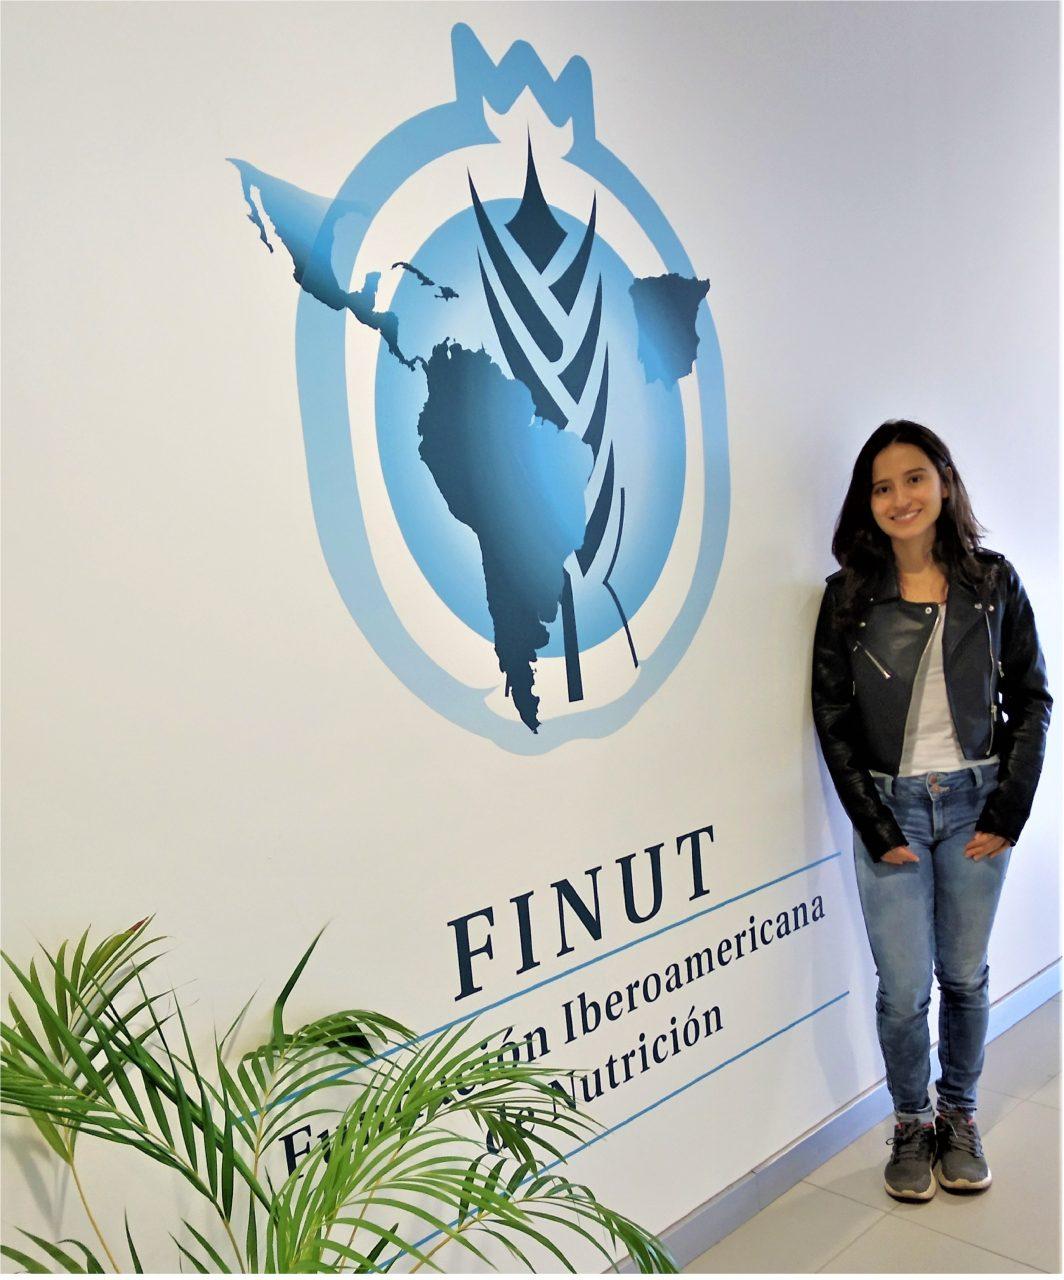 Fortaleciendo el convenio FINUT - Universidad de Antioquia